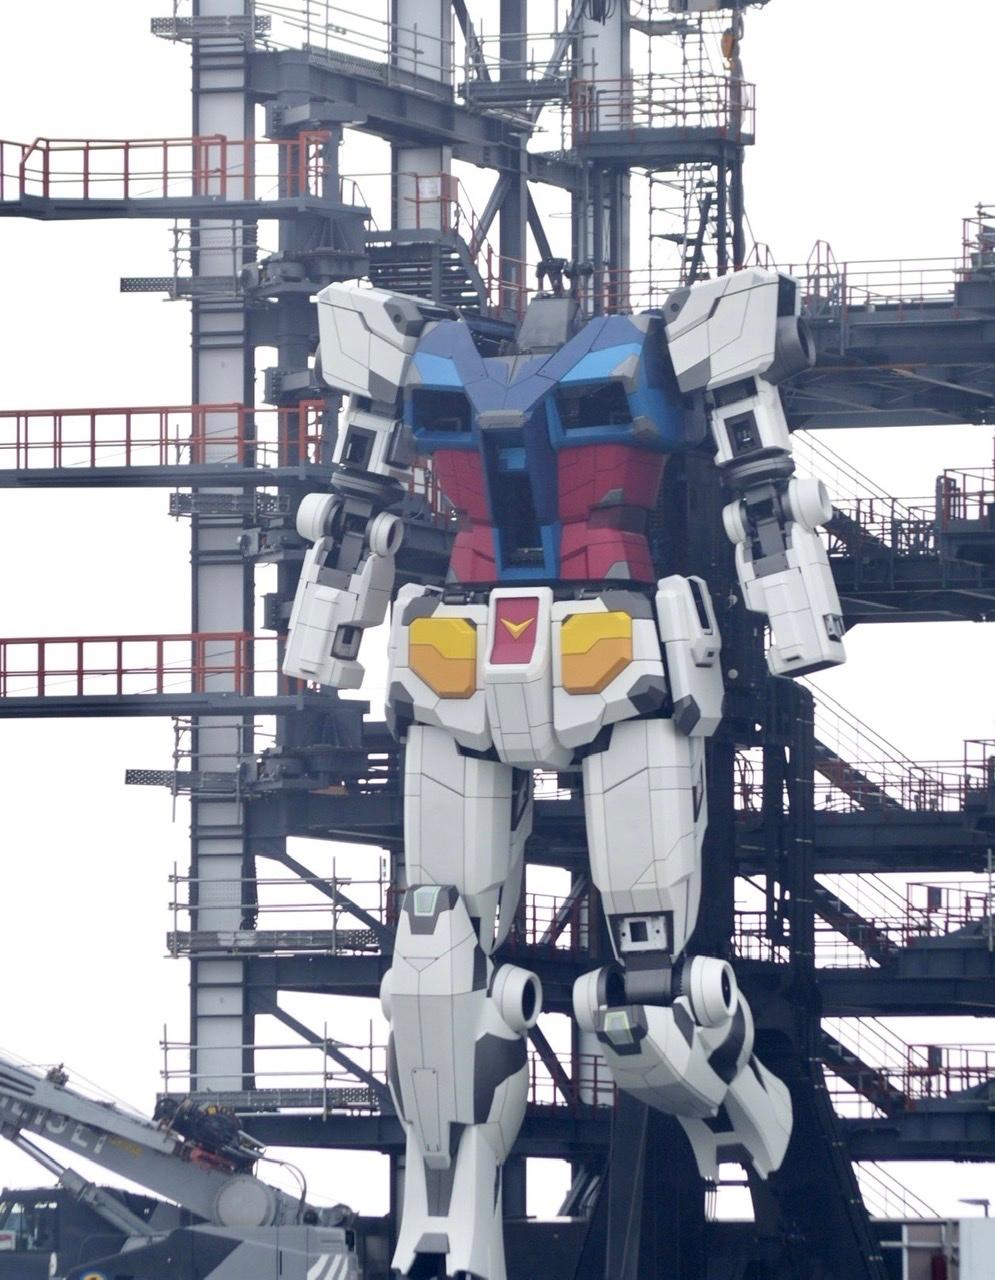 可活动高达 RX-78-2 横滨山下码头